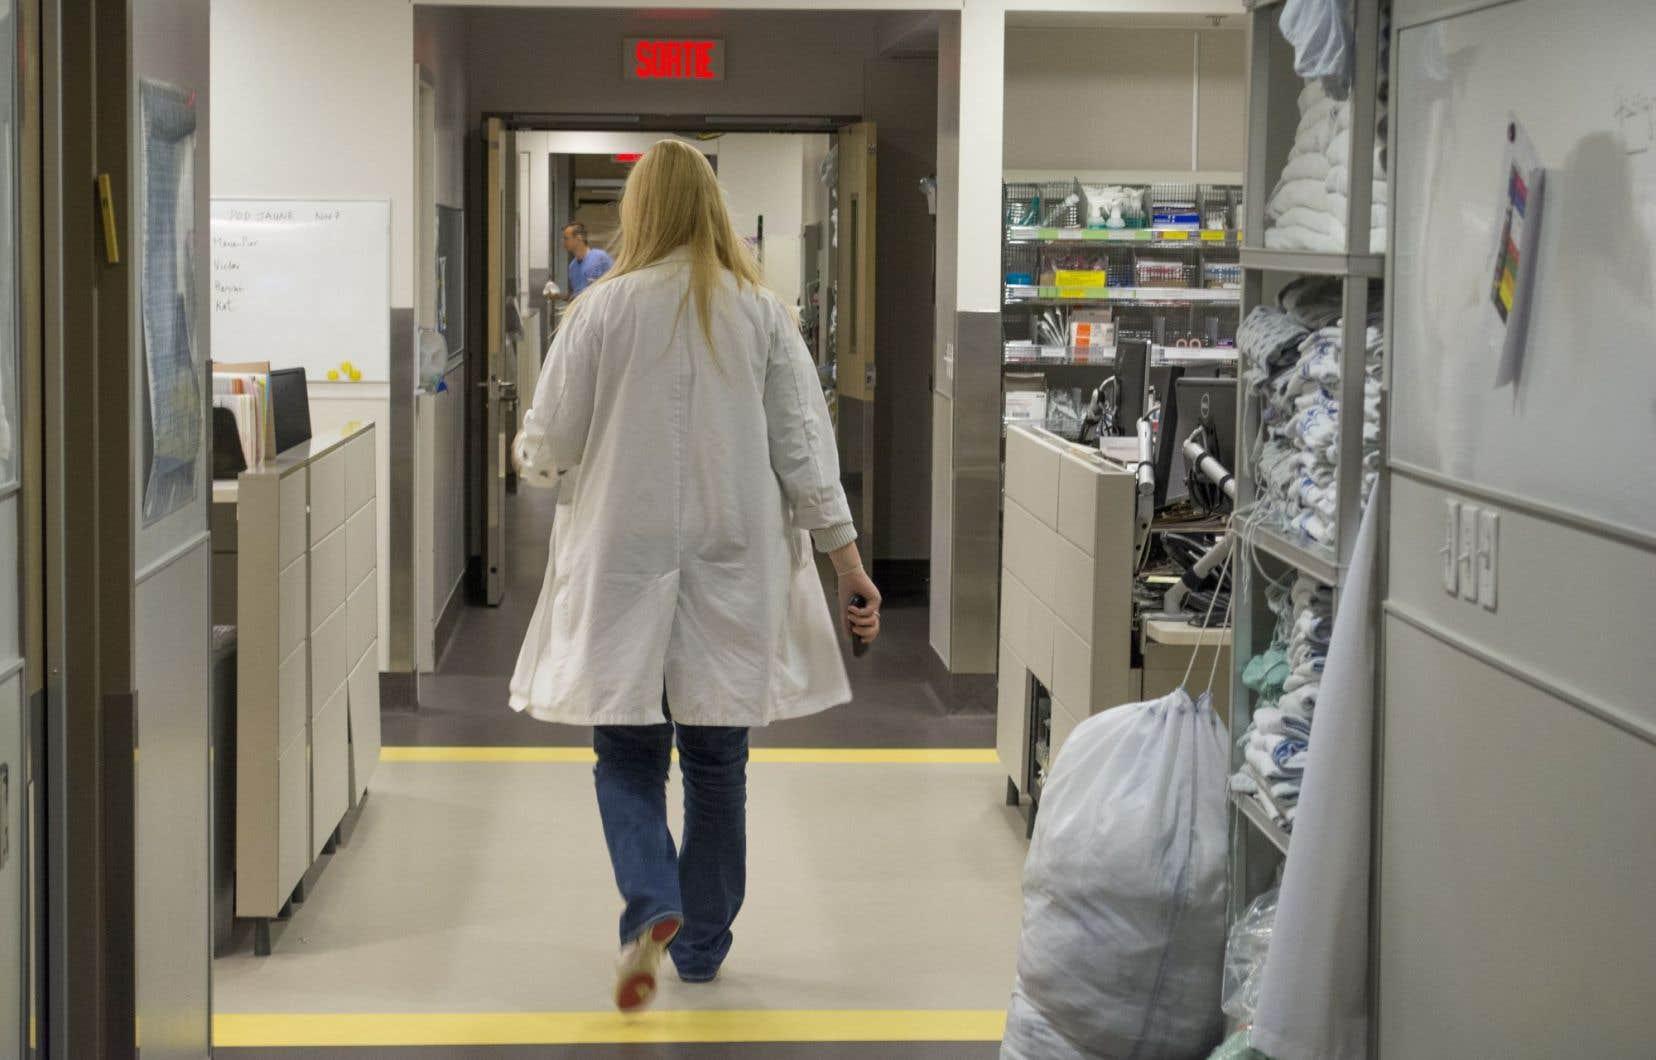 Les médecins sont plus nombreux à s'informer auprès de cliniques privées etplusieurs ont déjà remis leur démission.